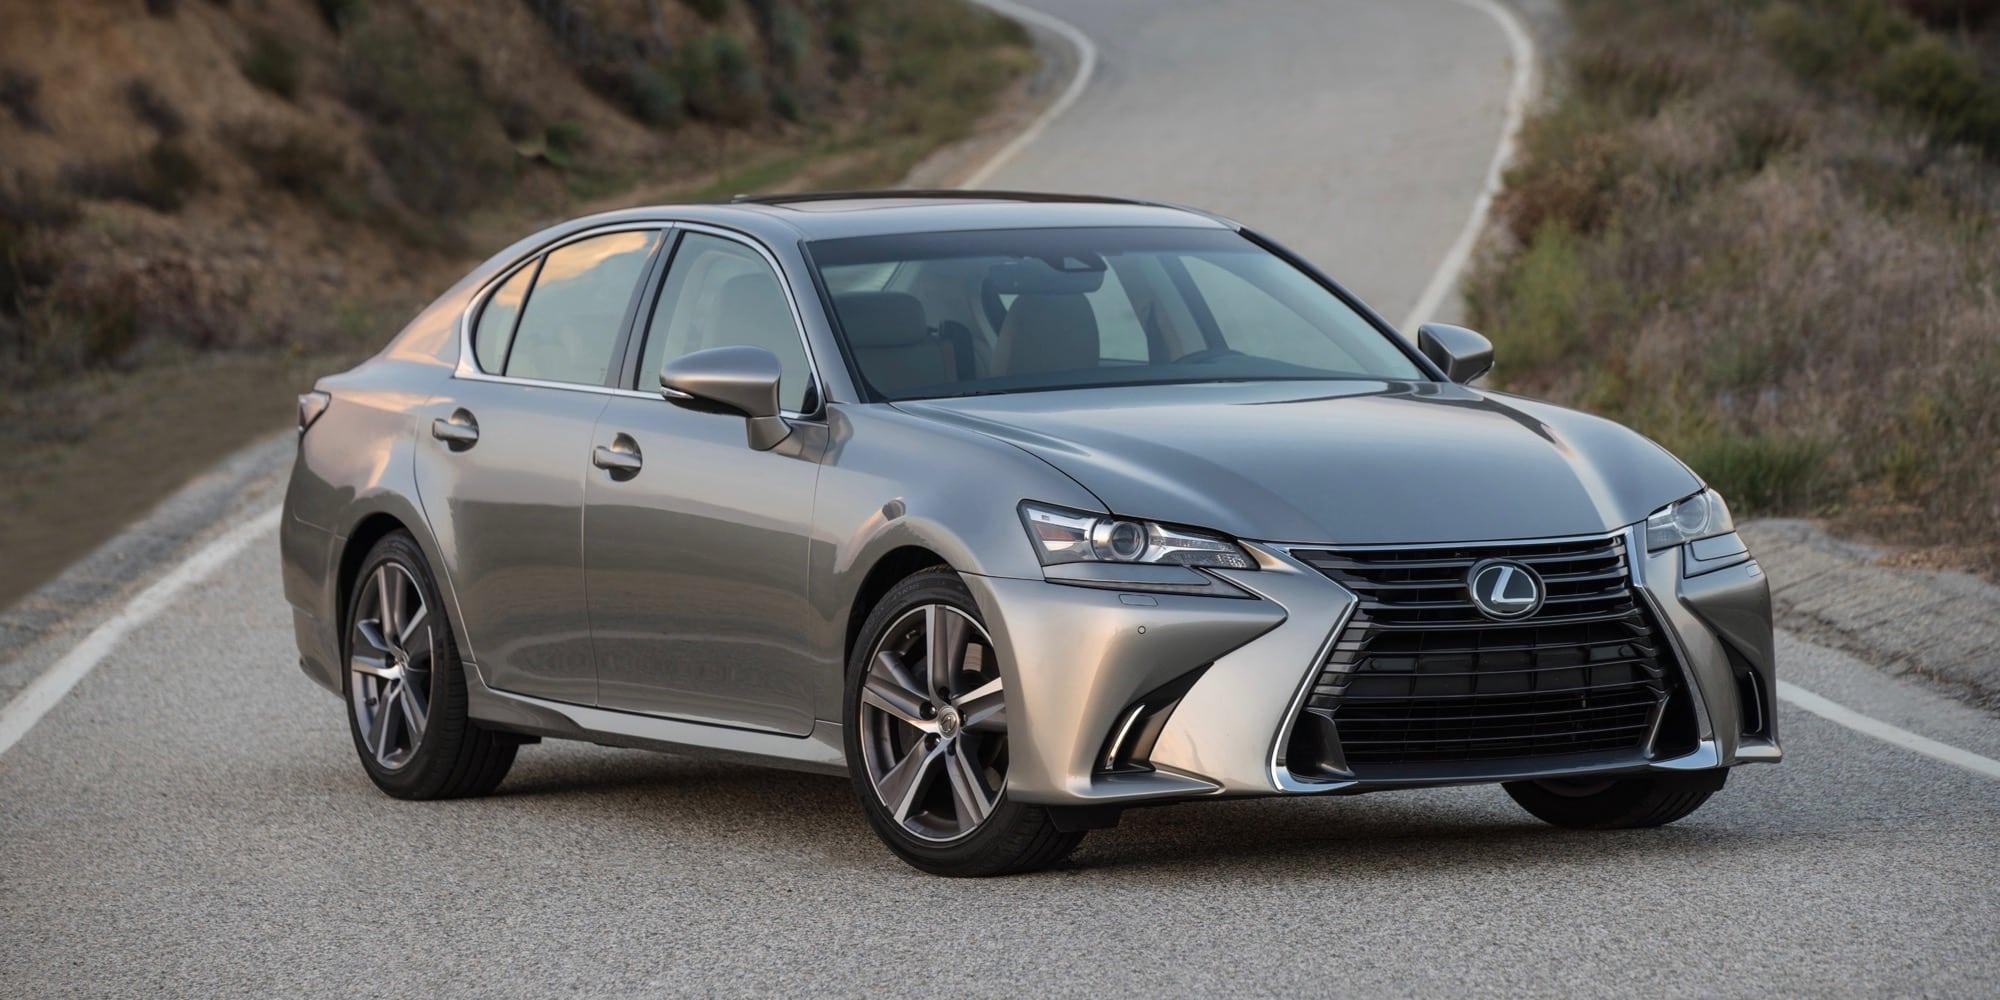 2016 Lexus GS 200t : Review